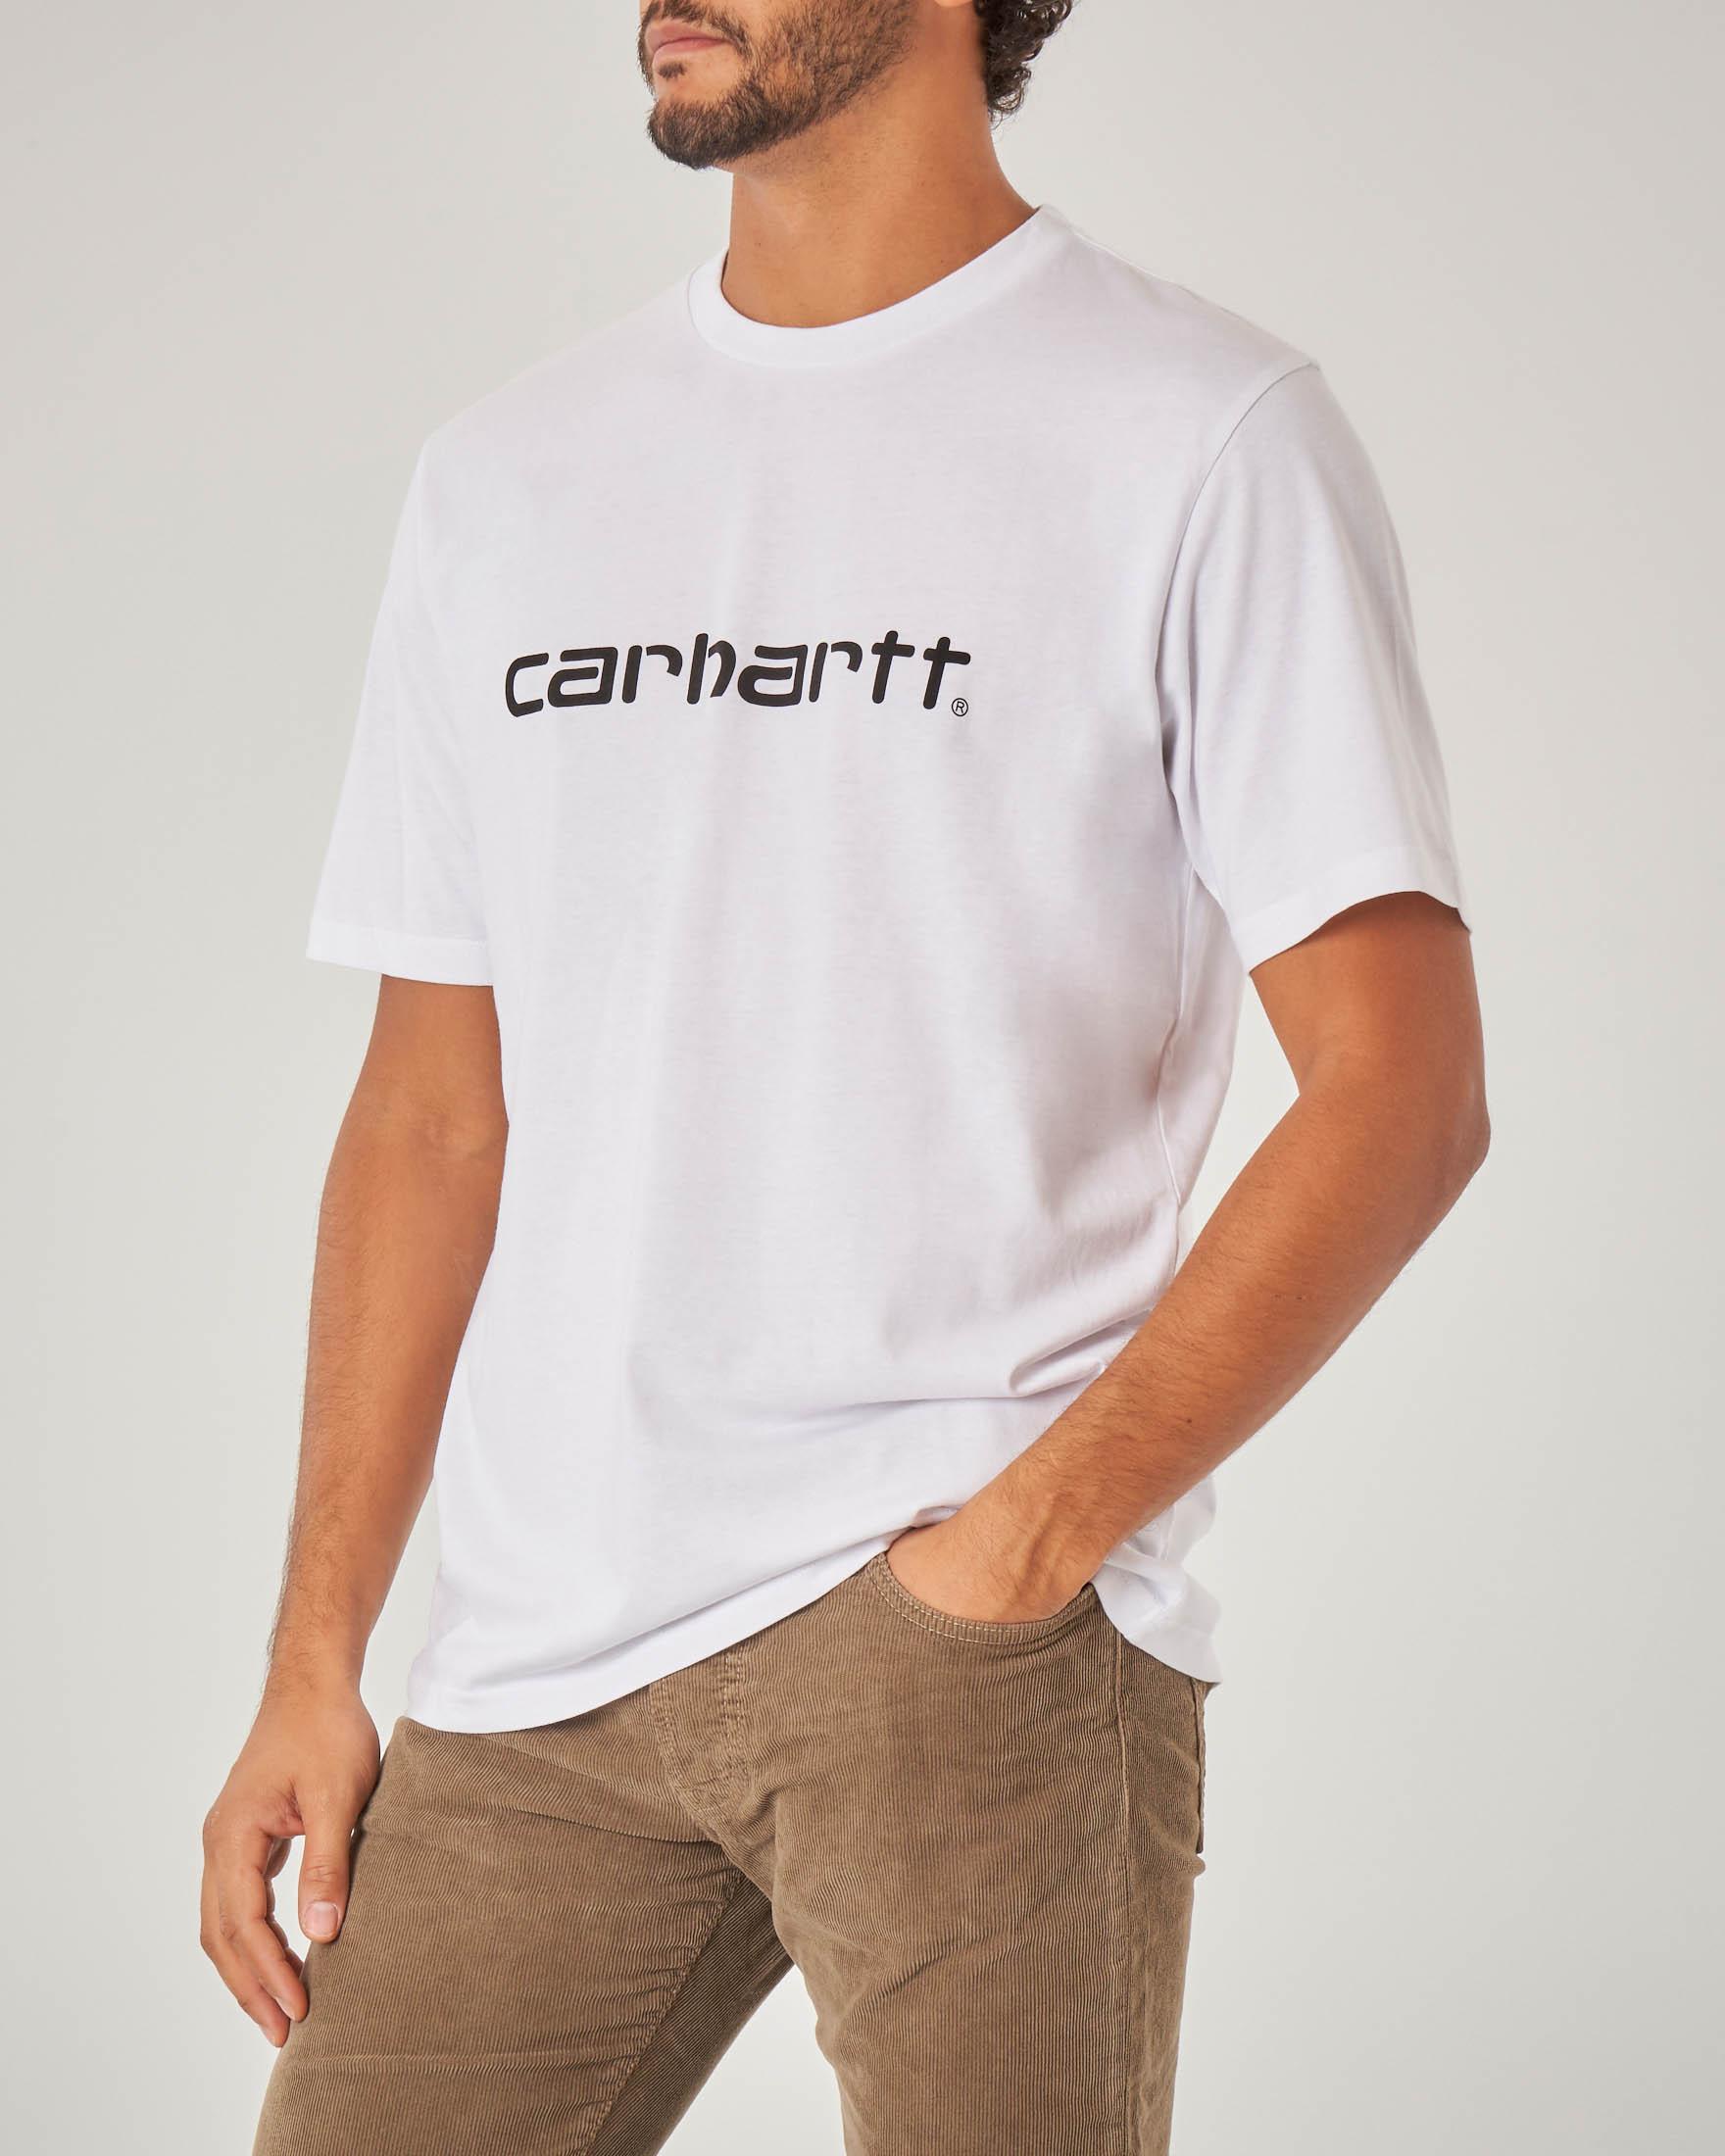 T-shirt bianca mezza manica con logo nero stampato